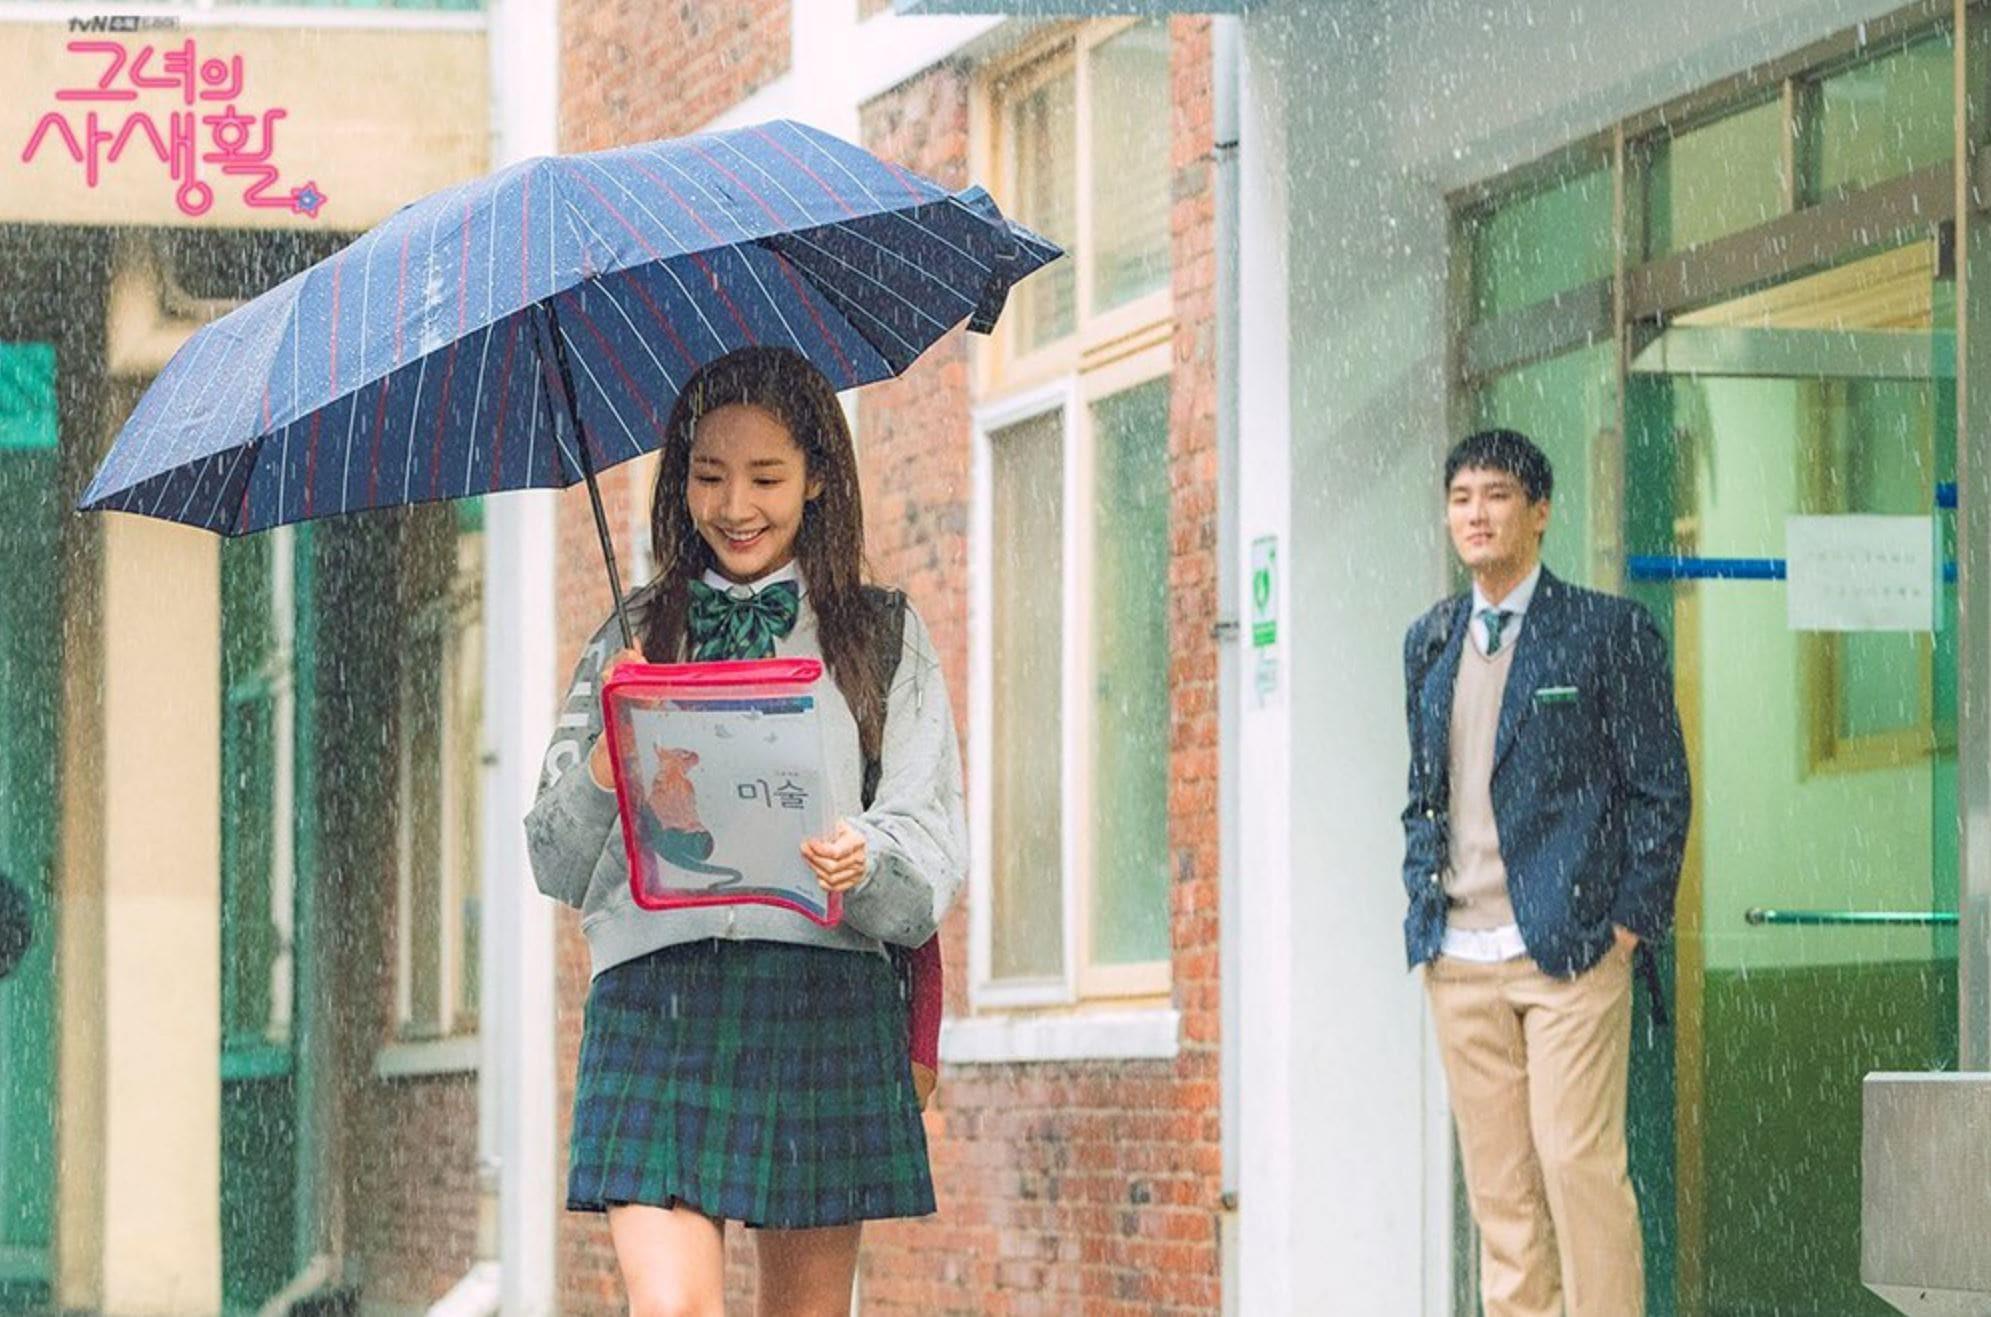 Hậu tỏ tình, Park Min Young lại khiến người yêu tức điên vì dám qua đêm với anh trai nuôi trong Her Private Life! - Ảnh 13.